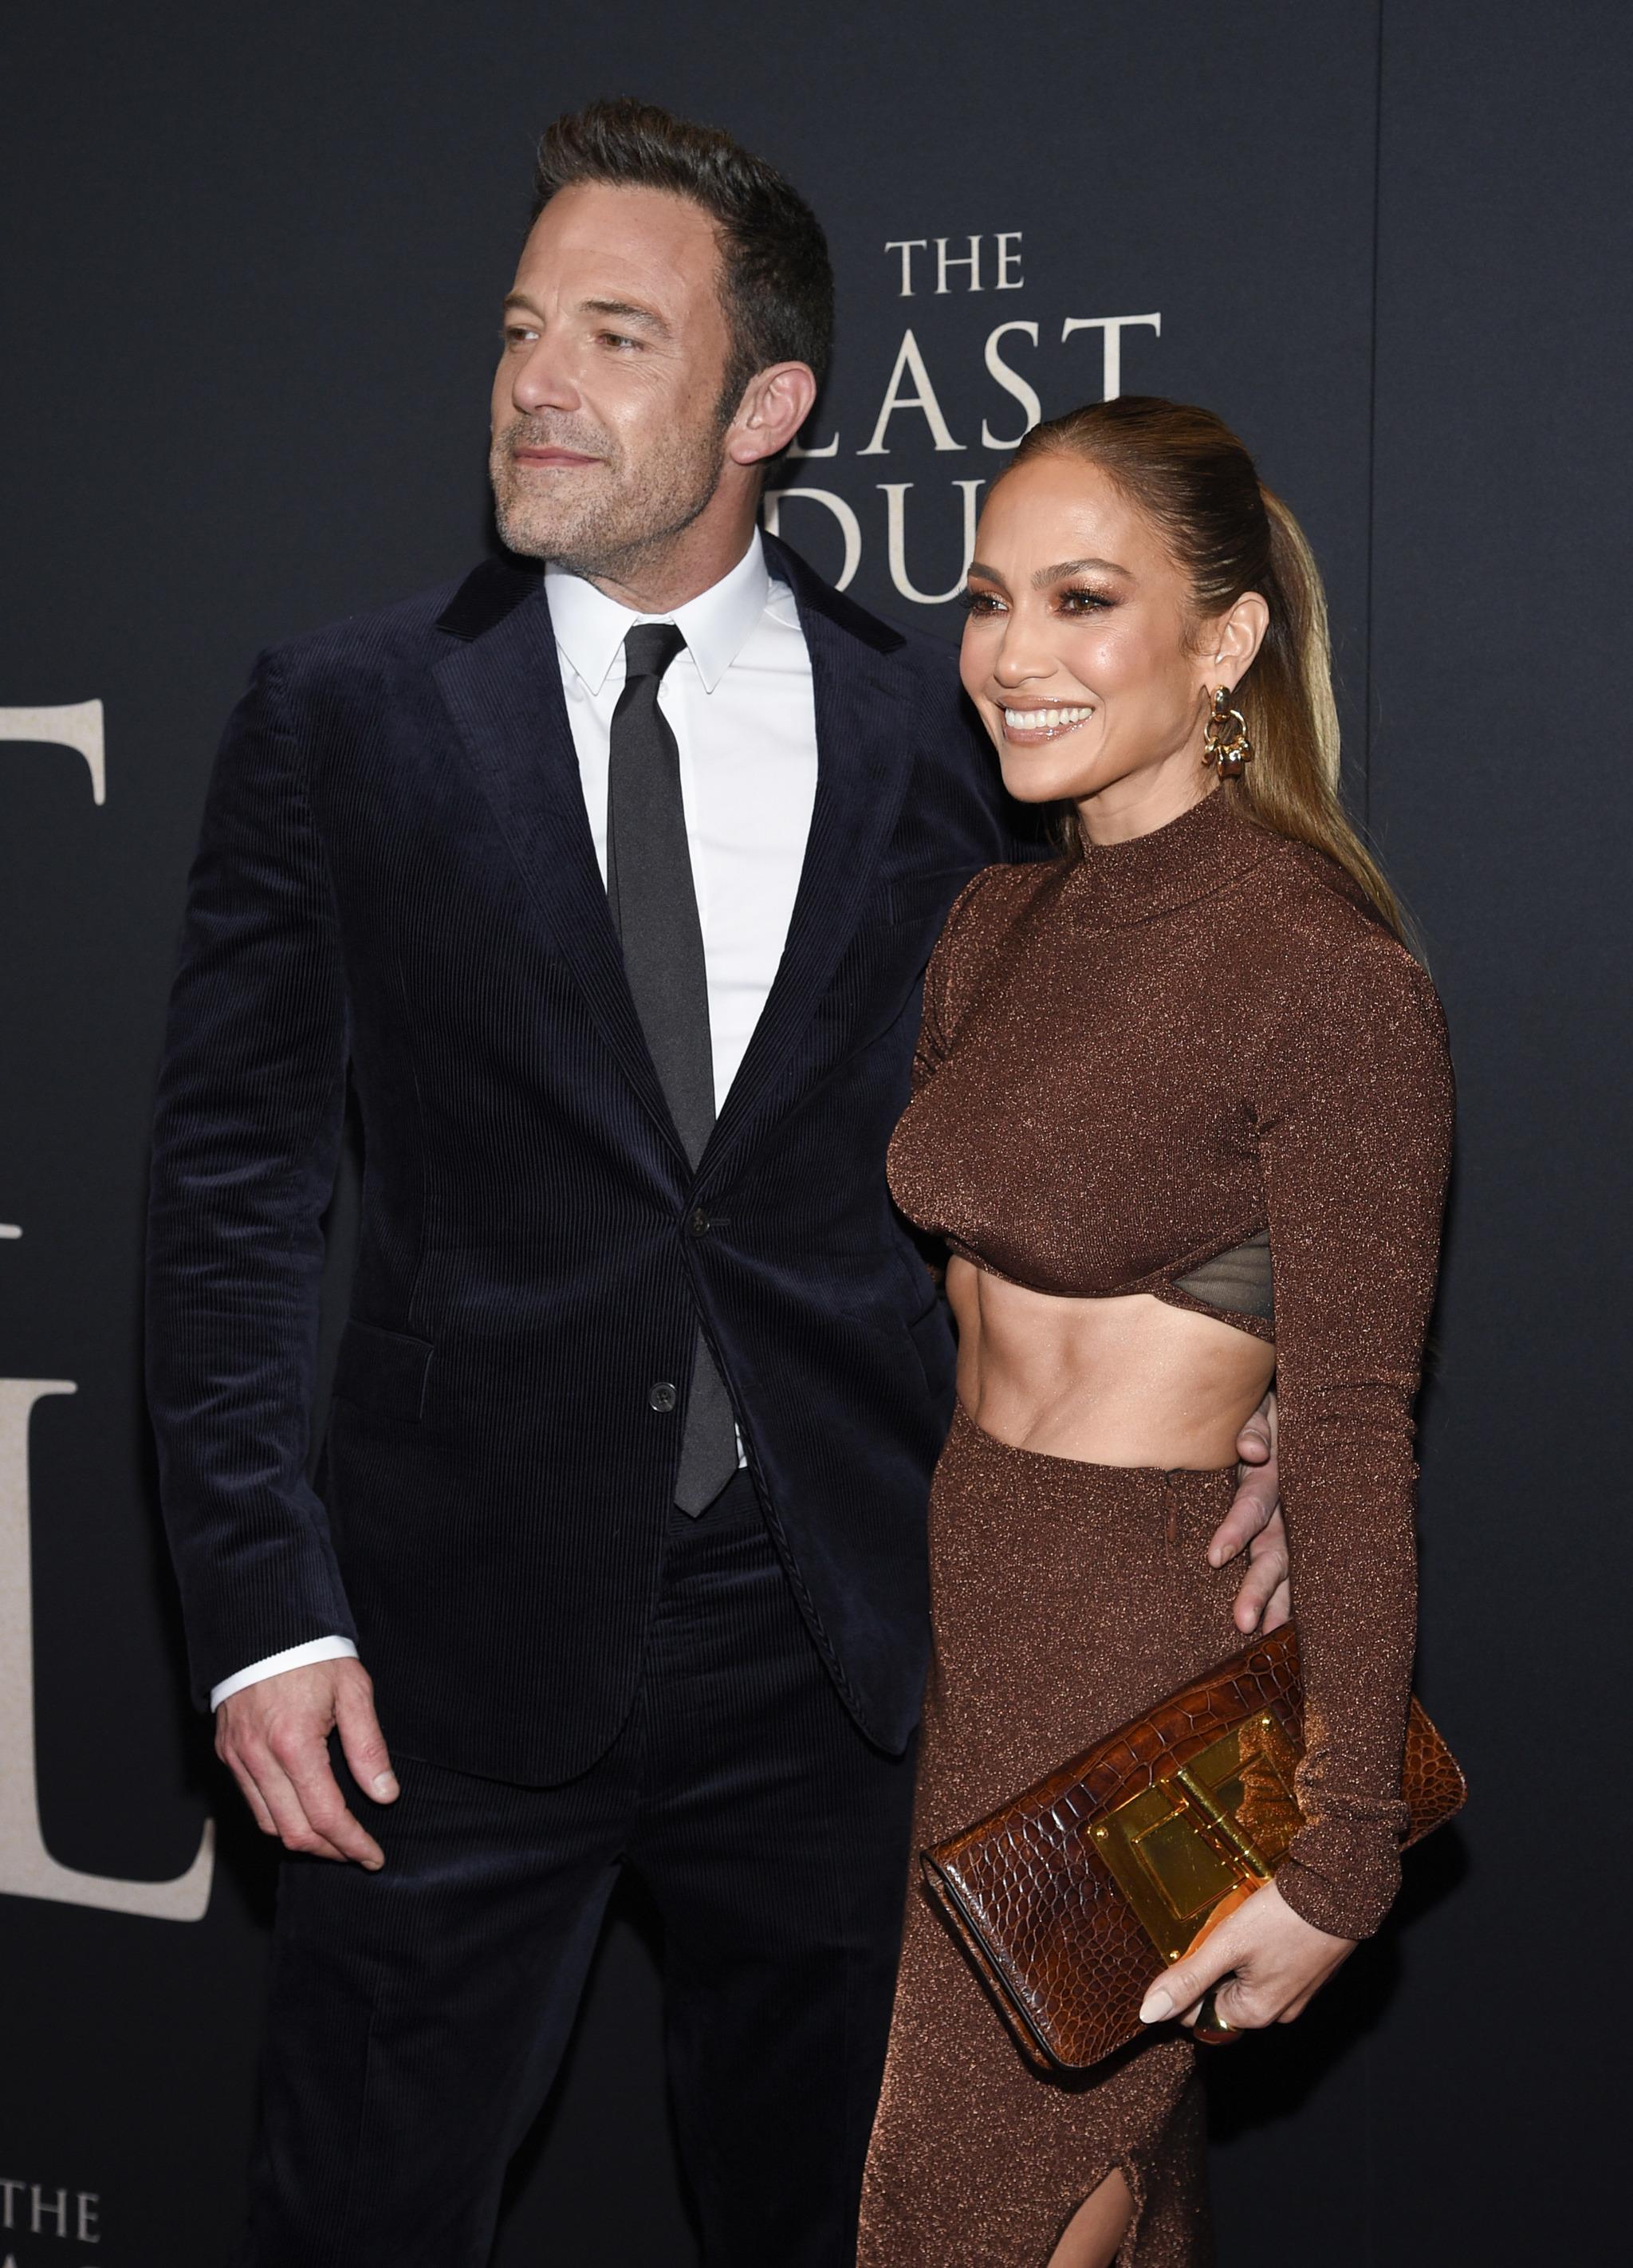 Jennifer Lopez volvió a iluminar la alfombra roja con un look espectacular junto a Ben Affleck.